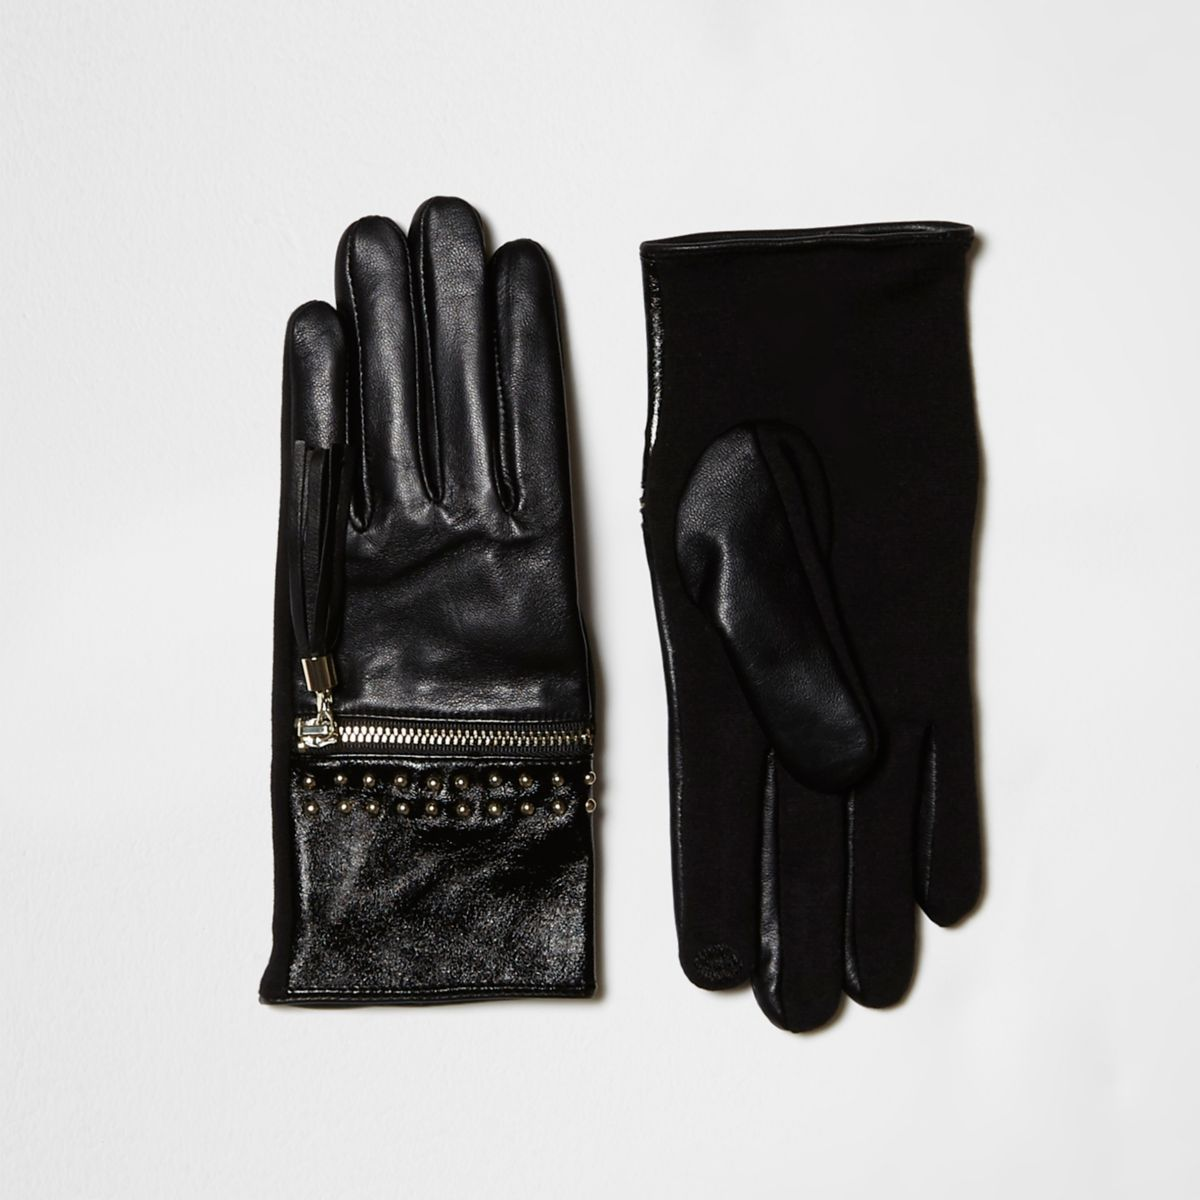 Zwarte leren handschoenen met rits en kwastjes